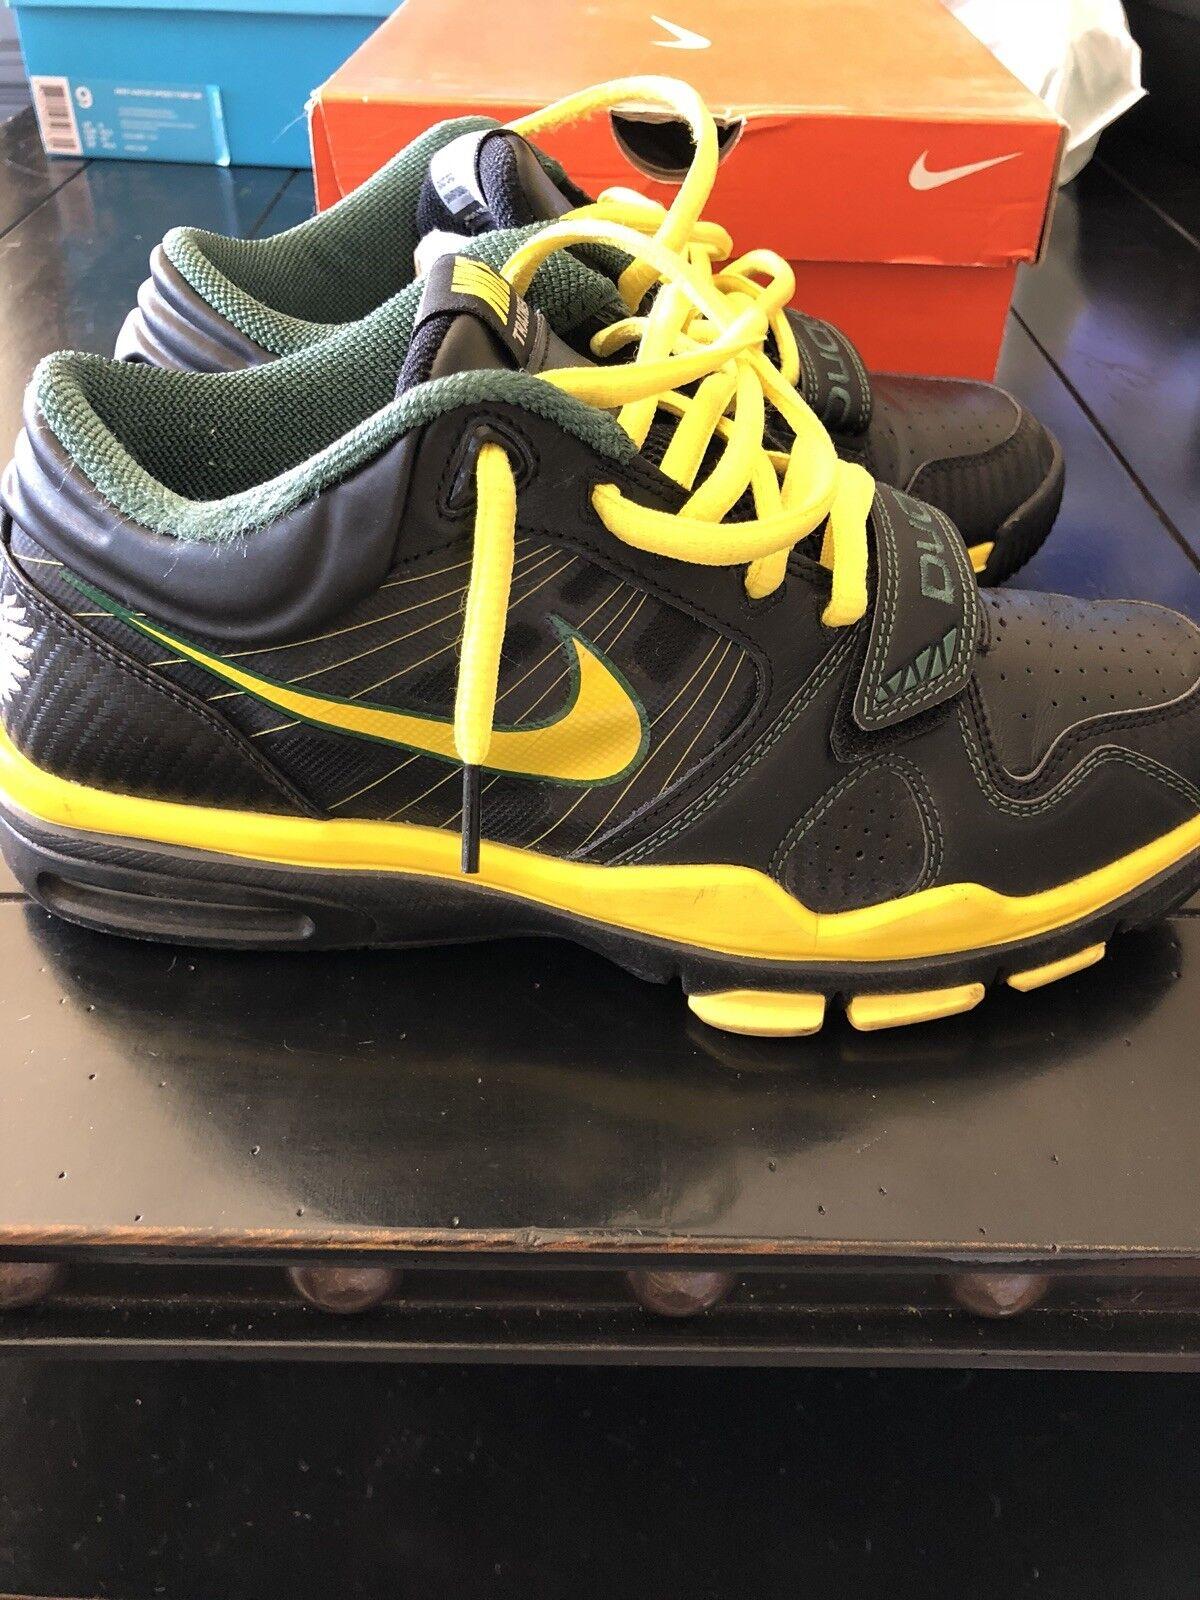 Nike oregon trainer 1.2 mittelständische pe 8,5 team veröffentlichte pe mittelständische 711e9d